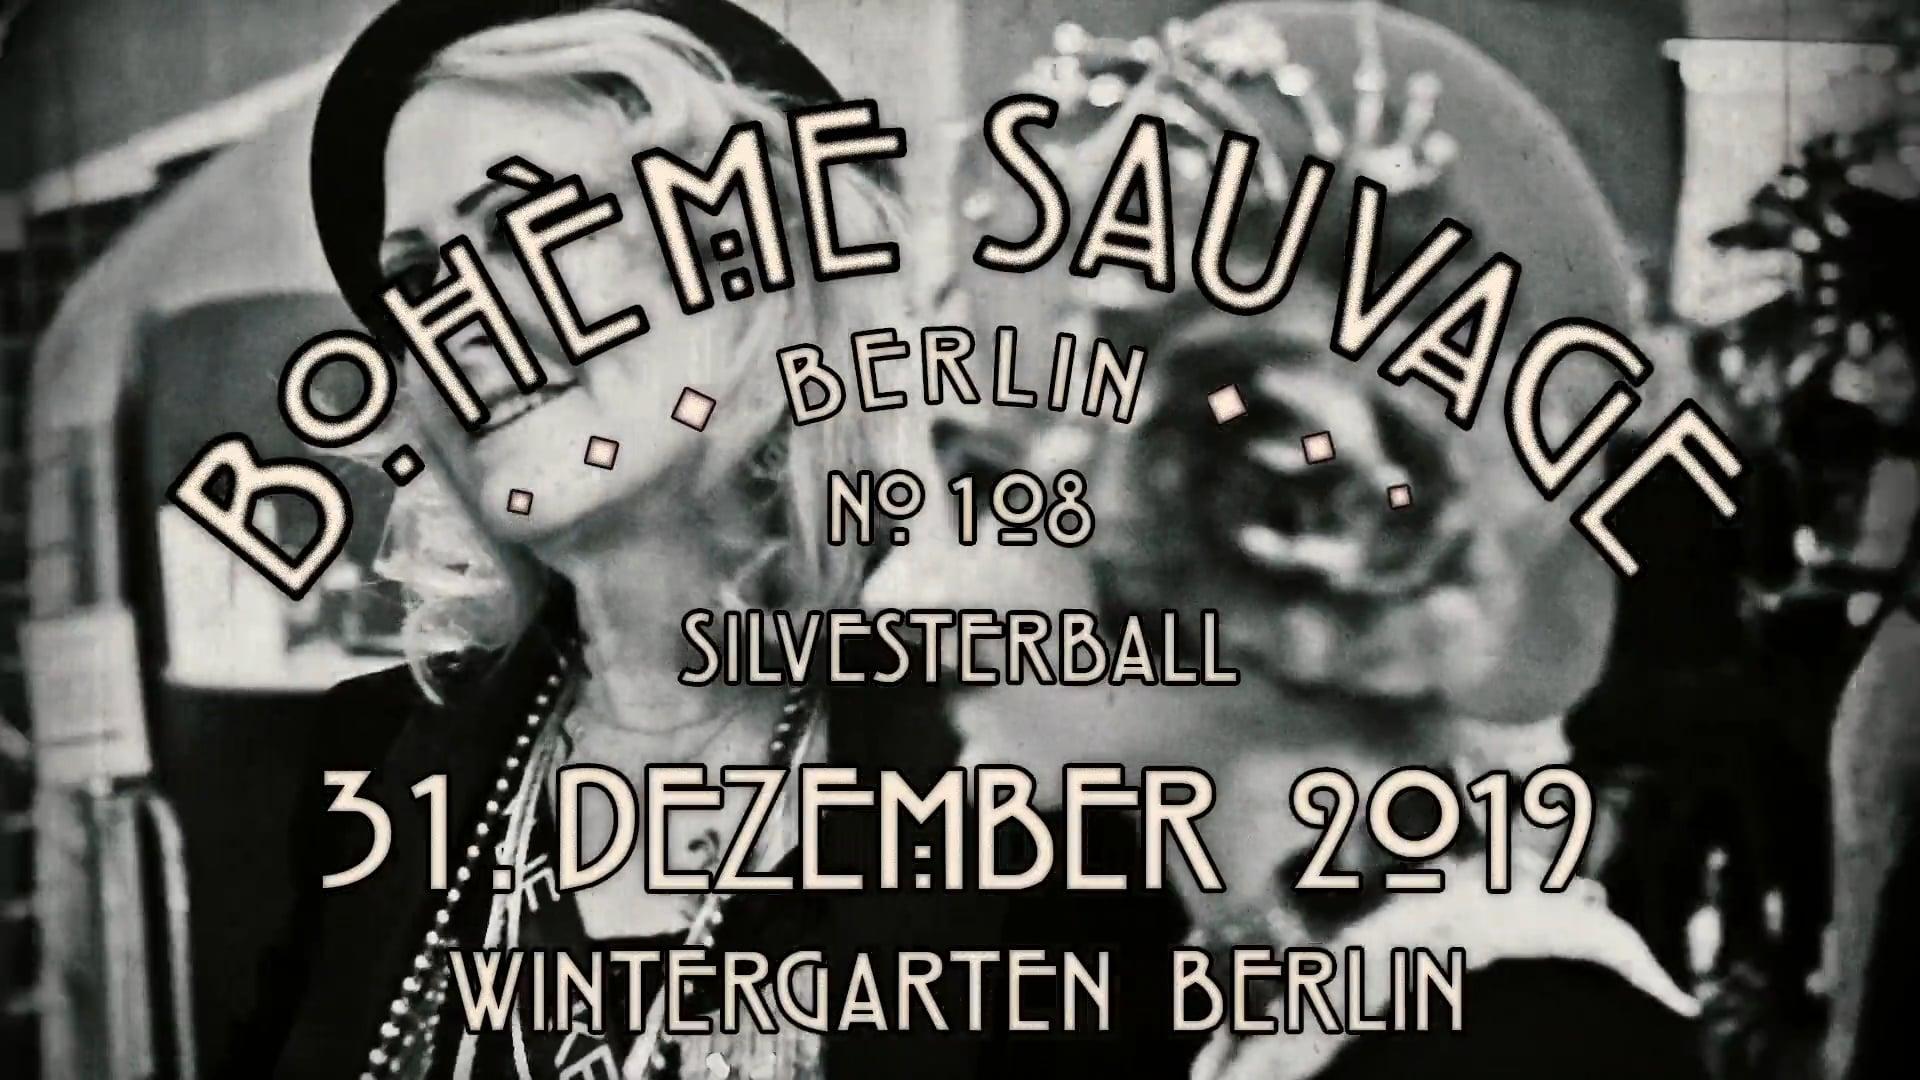 Bohème Sauvage Berlin Nº108 - 31. Dezember 2019 - Wintergarten